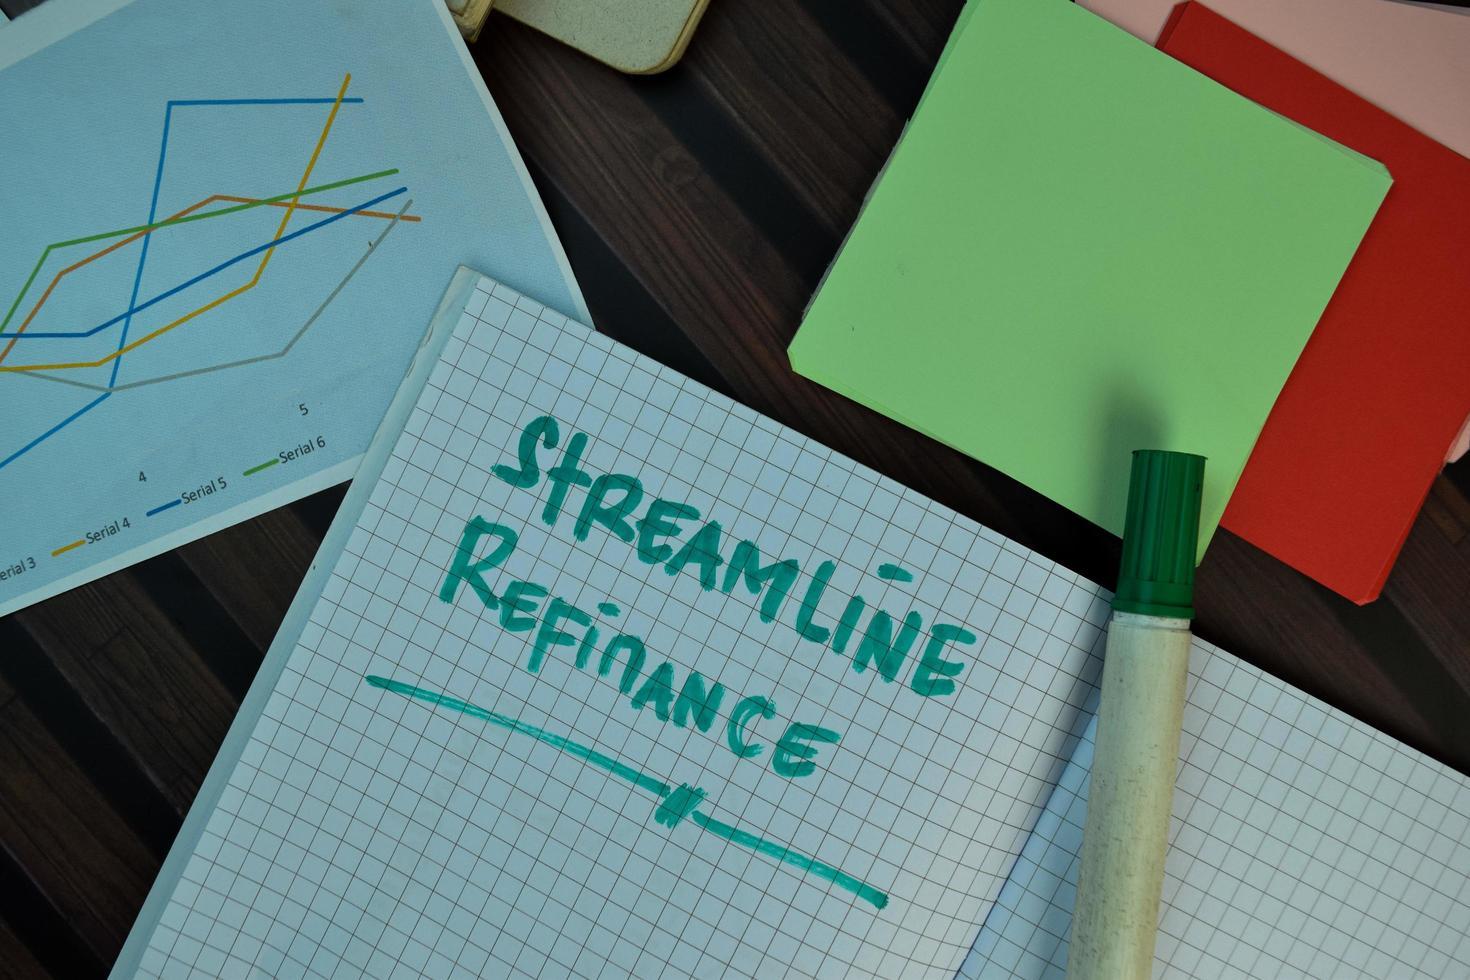 effektivisera refinansiering skriven på bok isolerad på träbord foto